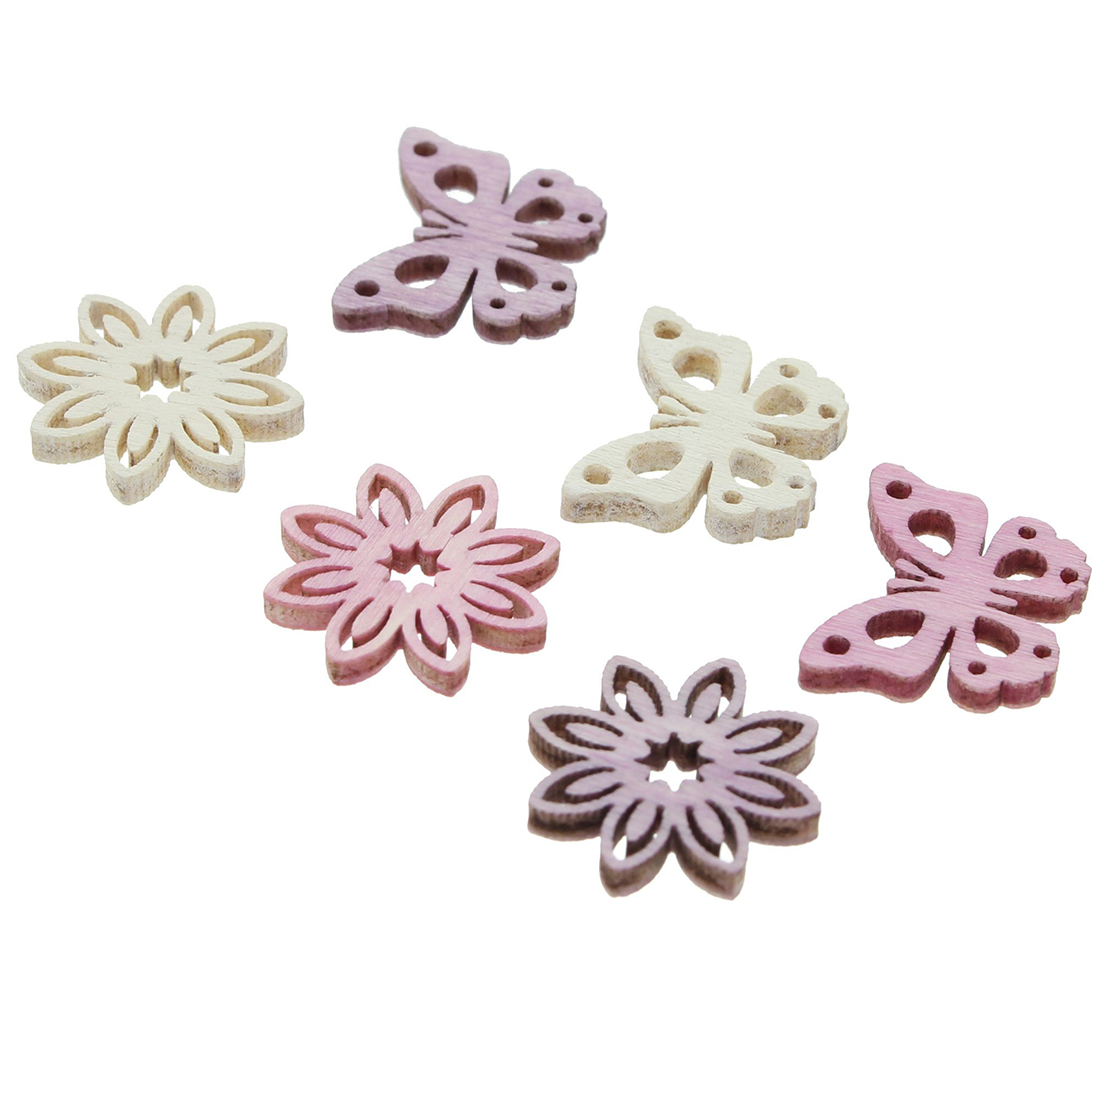 """Декоративные фигурки """"Бабочки и цветочки"""", 90 штук [06829],"""